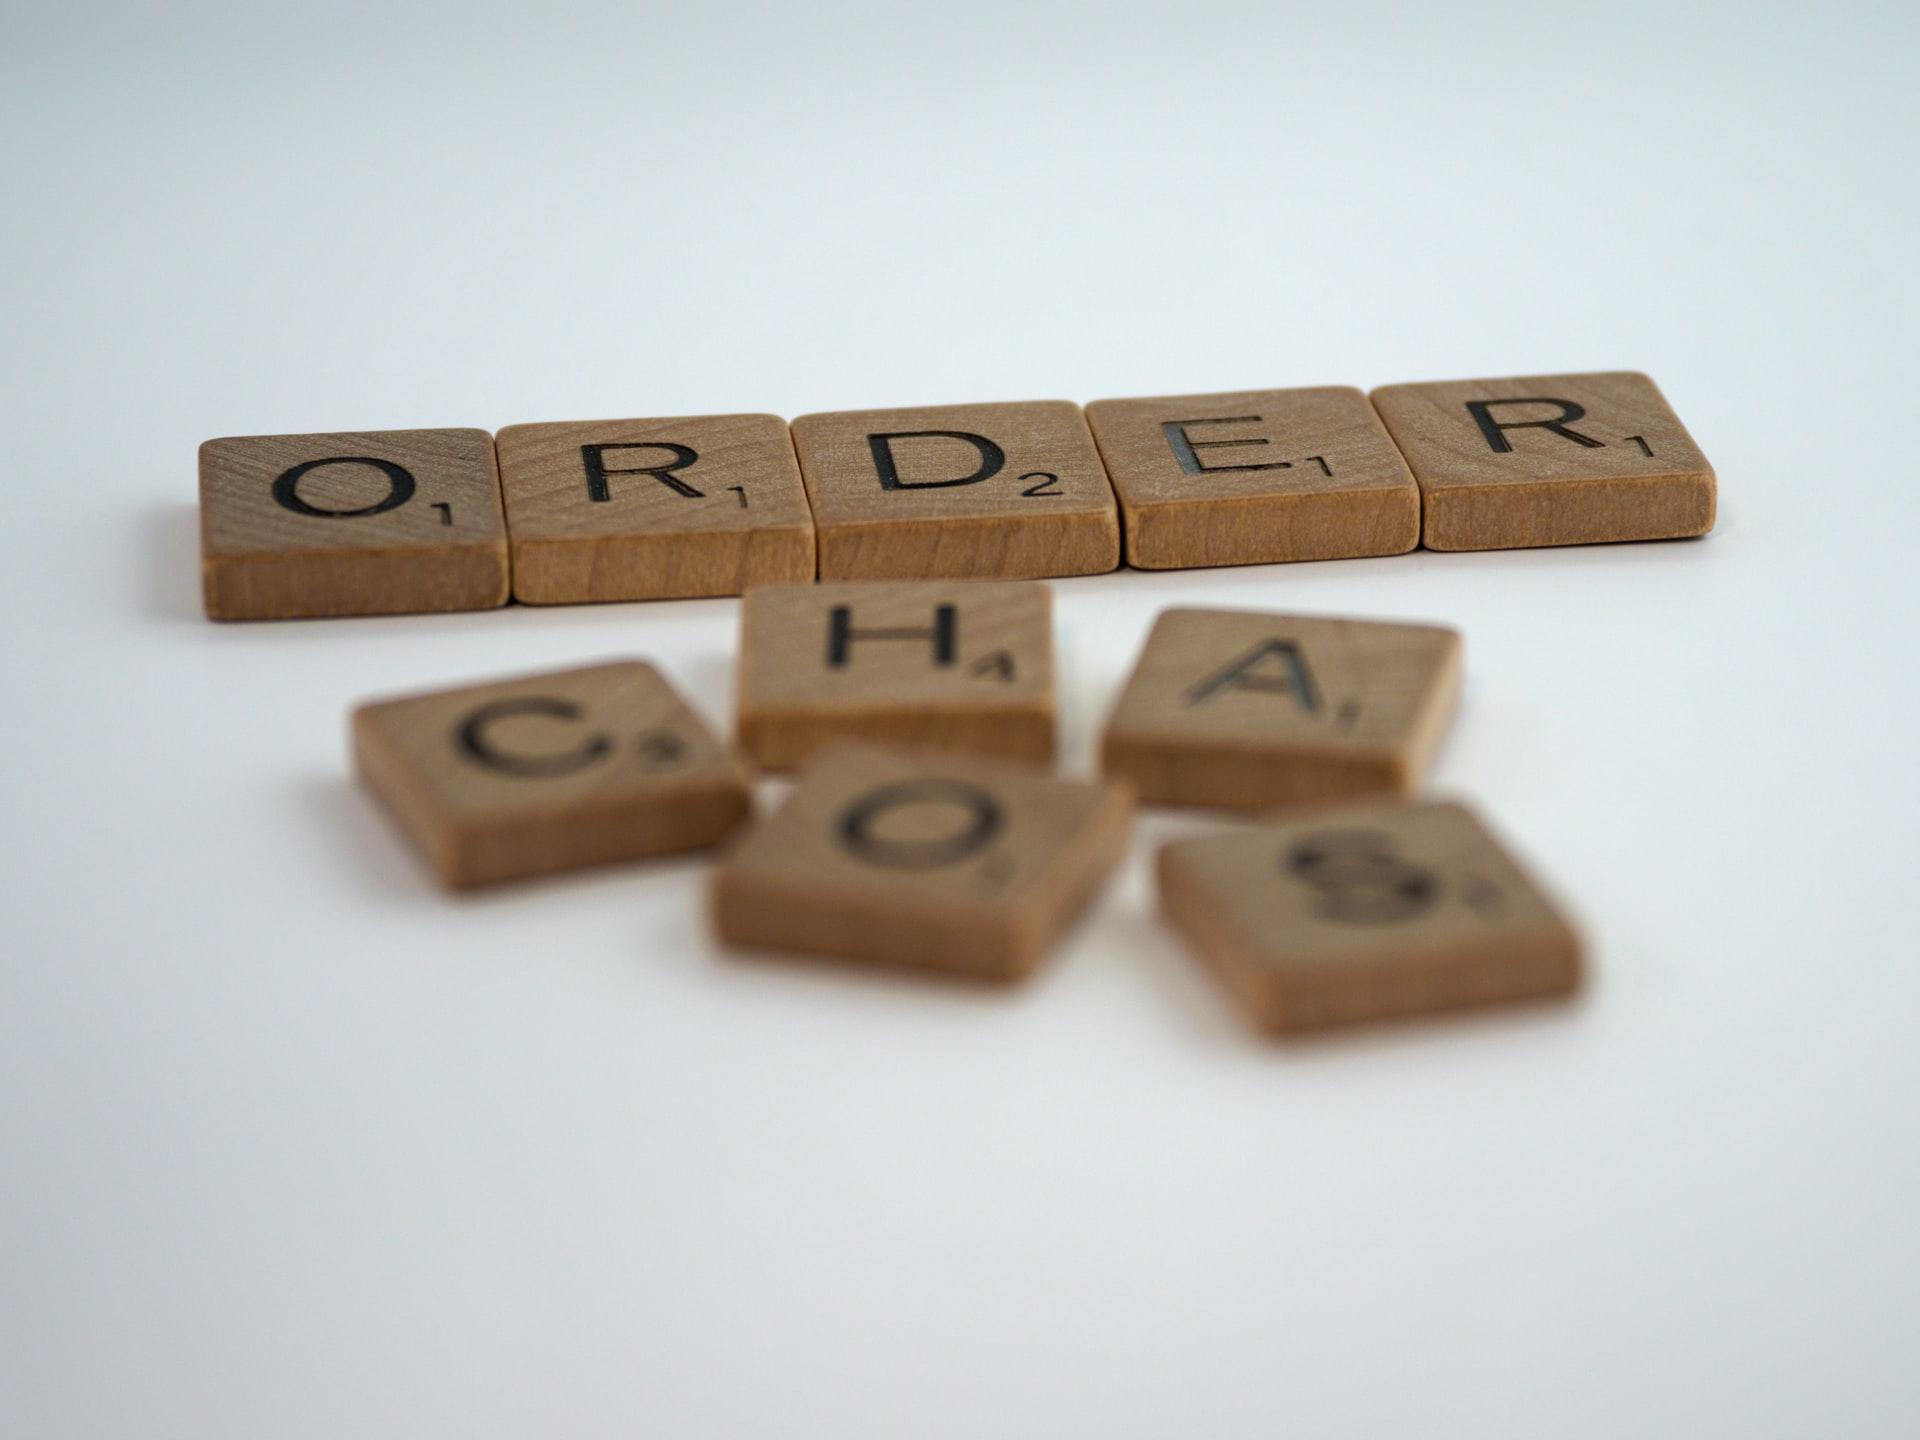 Order letter blocks